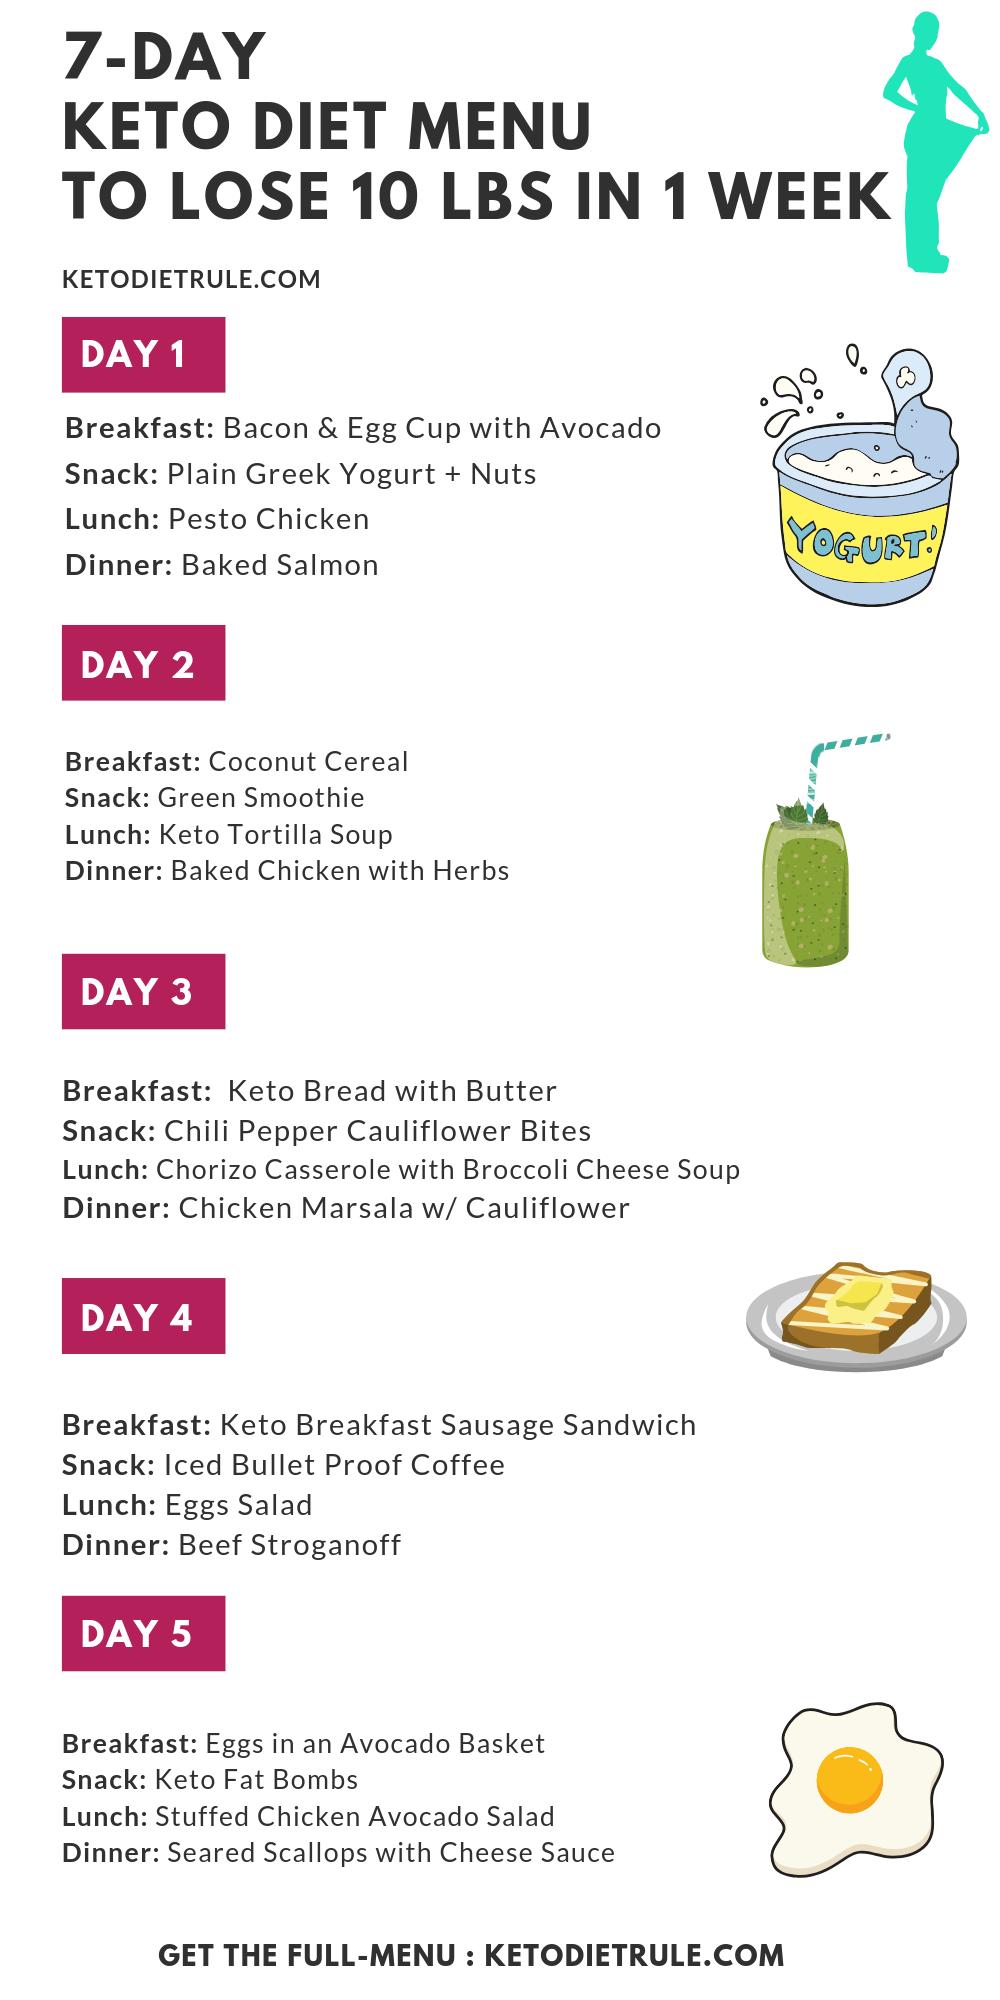 7-tägiger Keto-Diät-Speiseplan und Menü für Anfänger zum Abnehmen #dietmenu... - Diet meal plans - #7tägiger #abnehmen #Anfänger #Diet #dietmenu